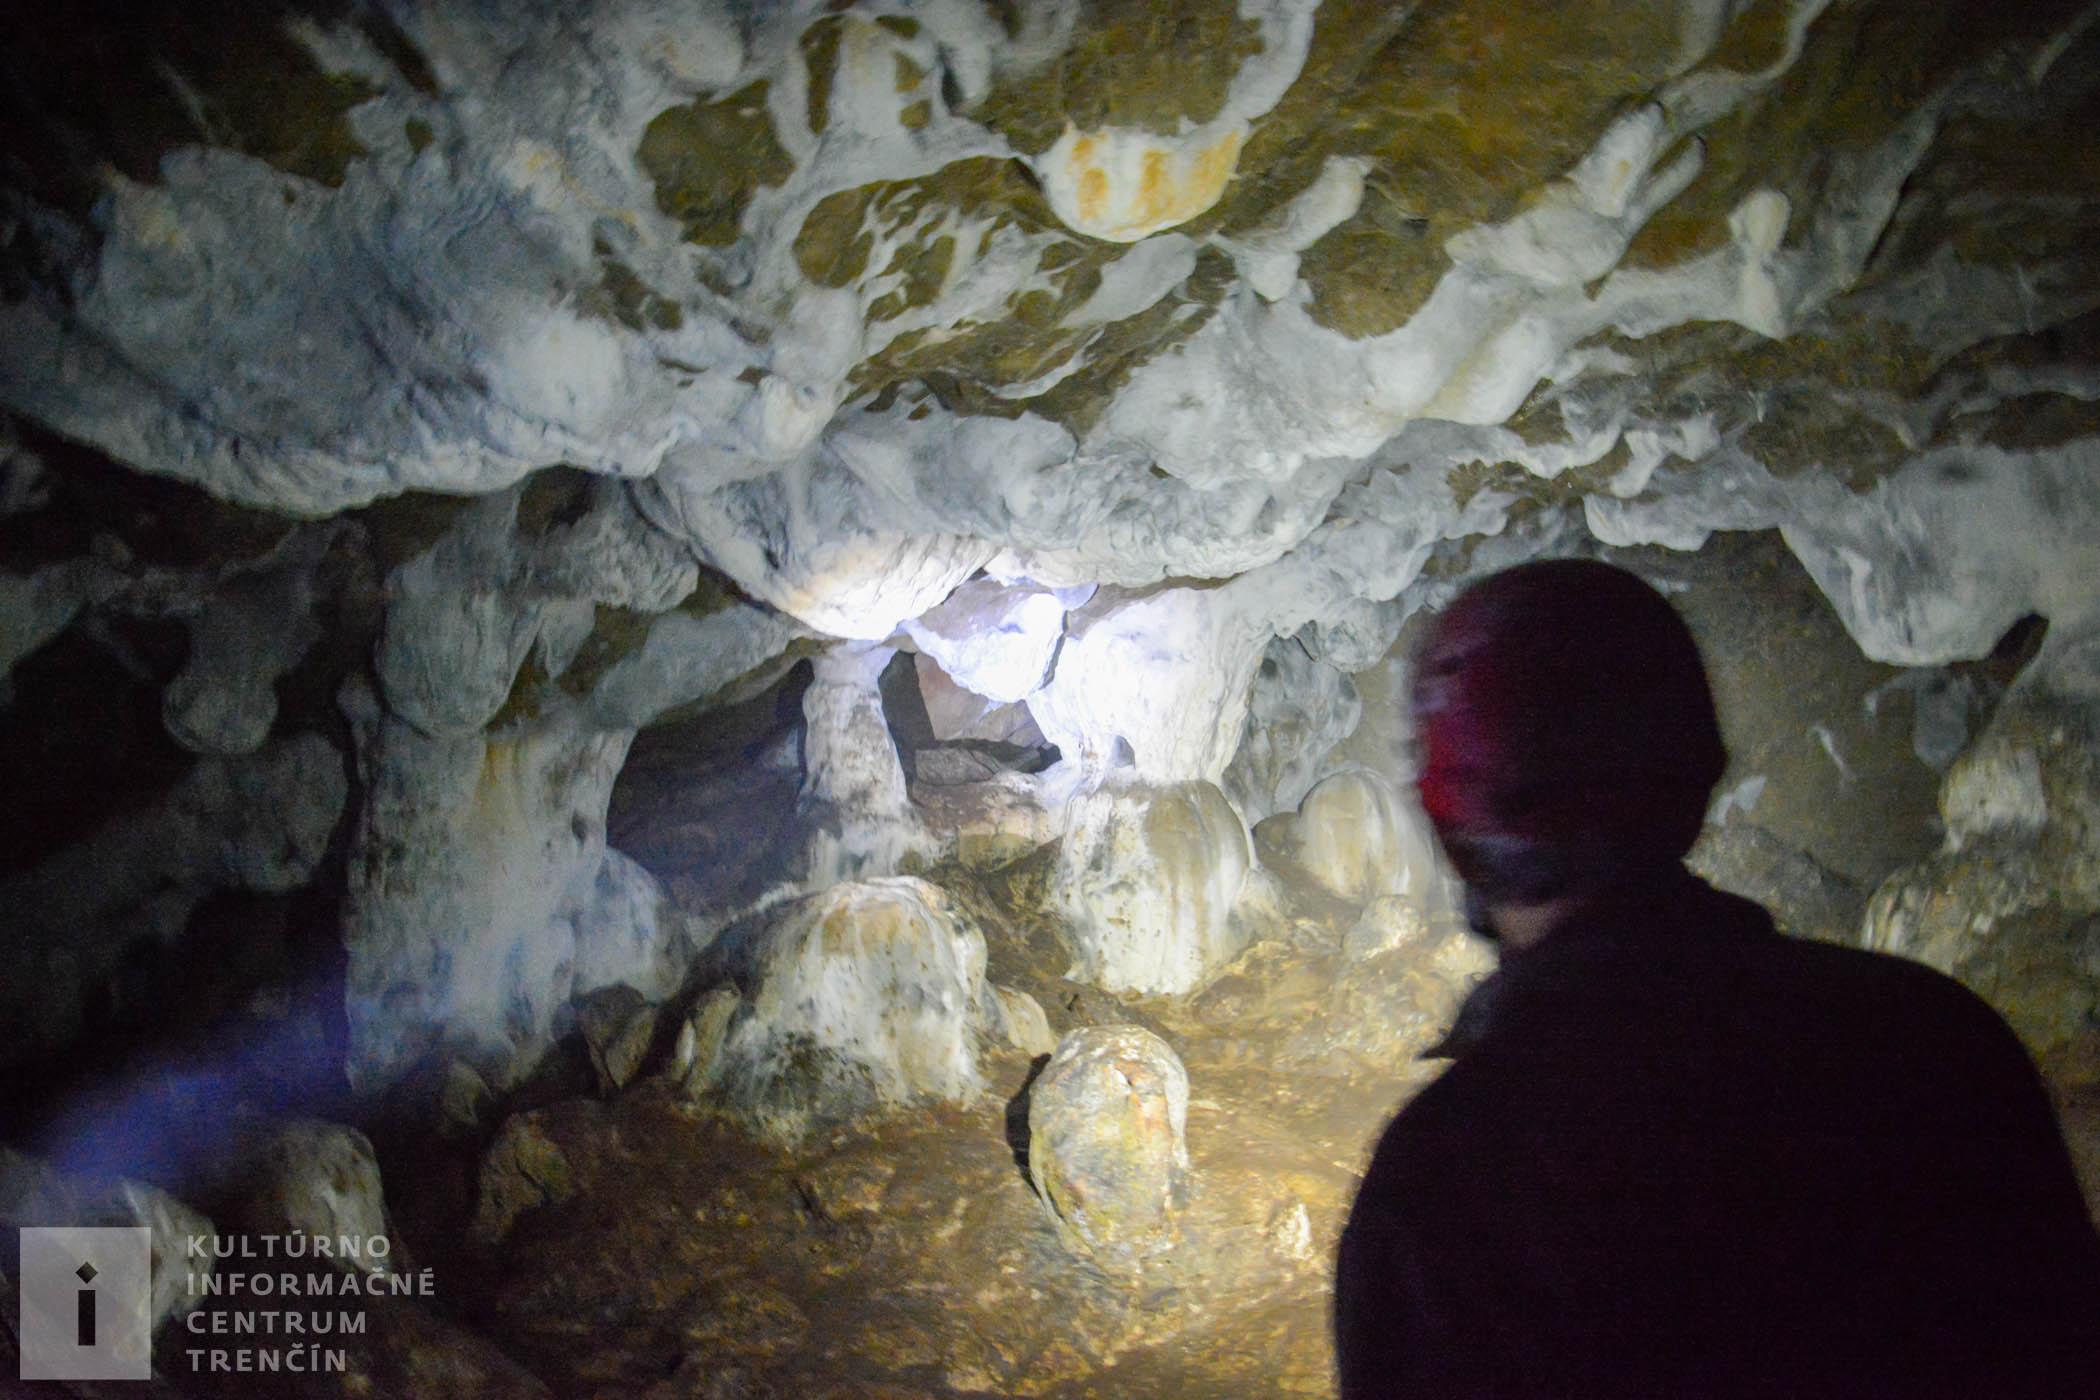 Viete rozoznať stalaktity, stalagmity a stalagnáty? Ak nie, v hlbších častiach jaskyne vám ich ukážu a povedia o nich viac skúsení jaskyniari.